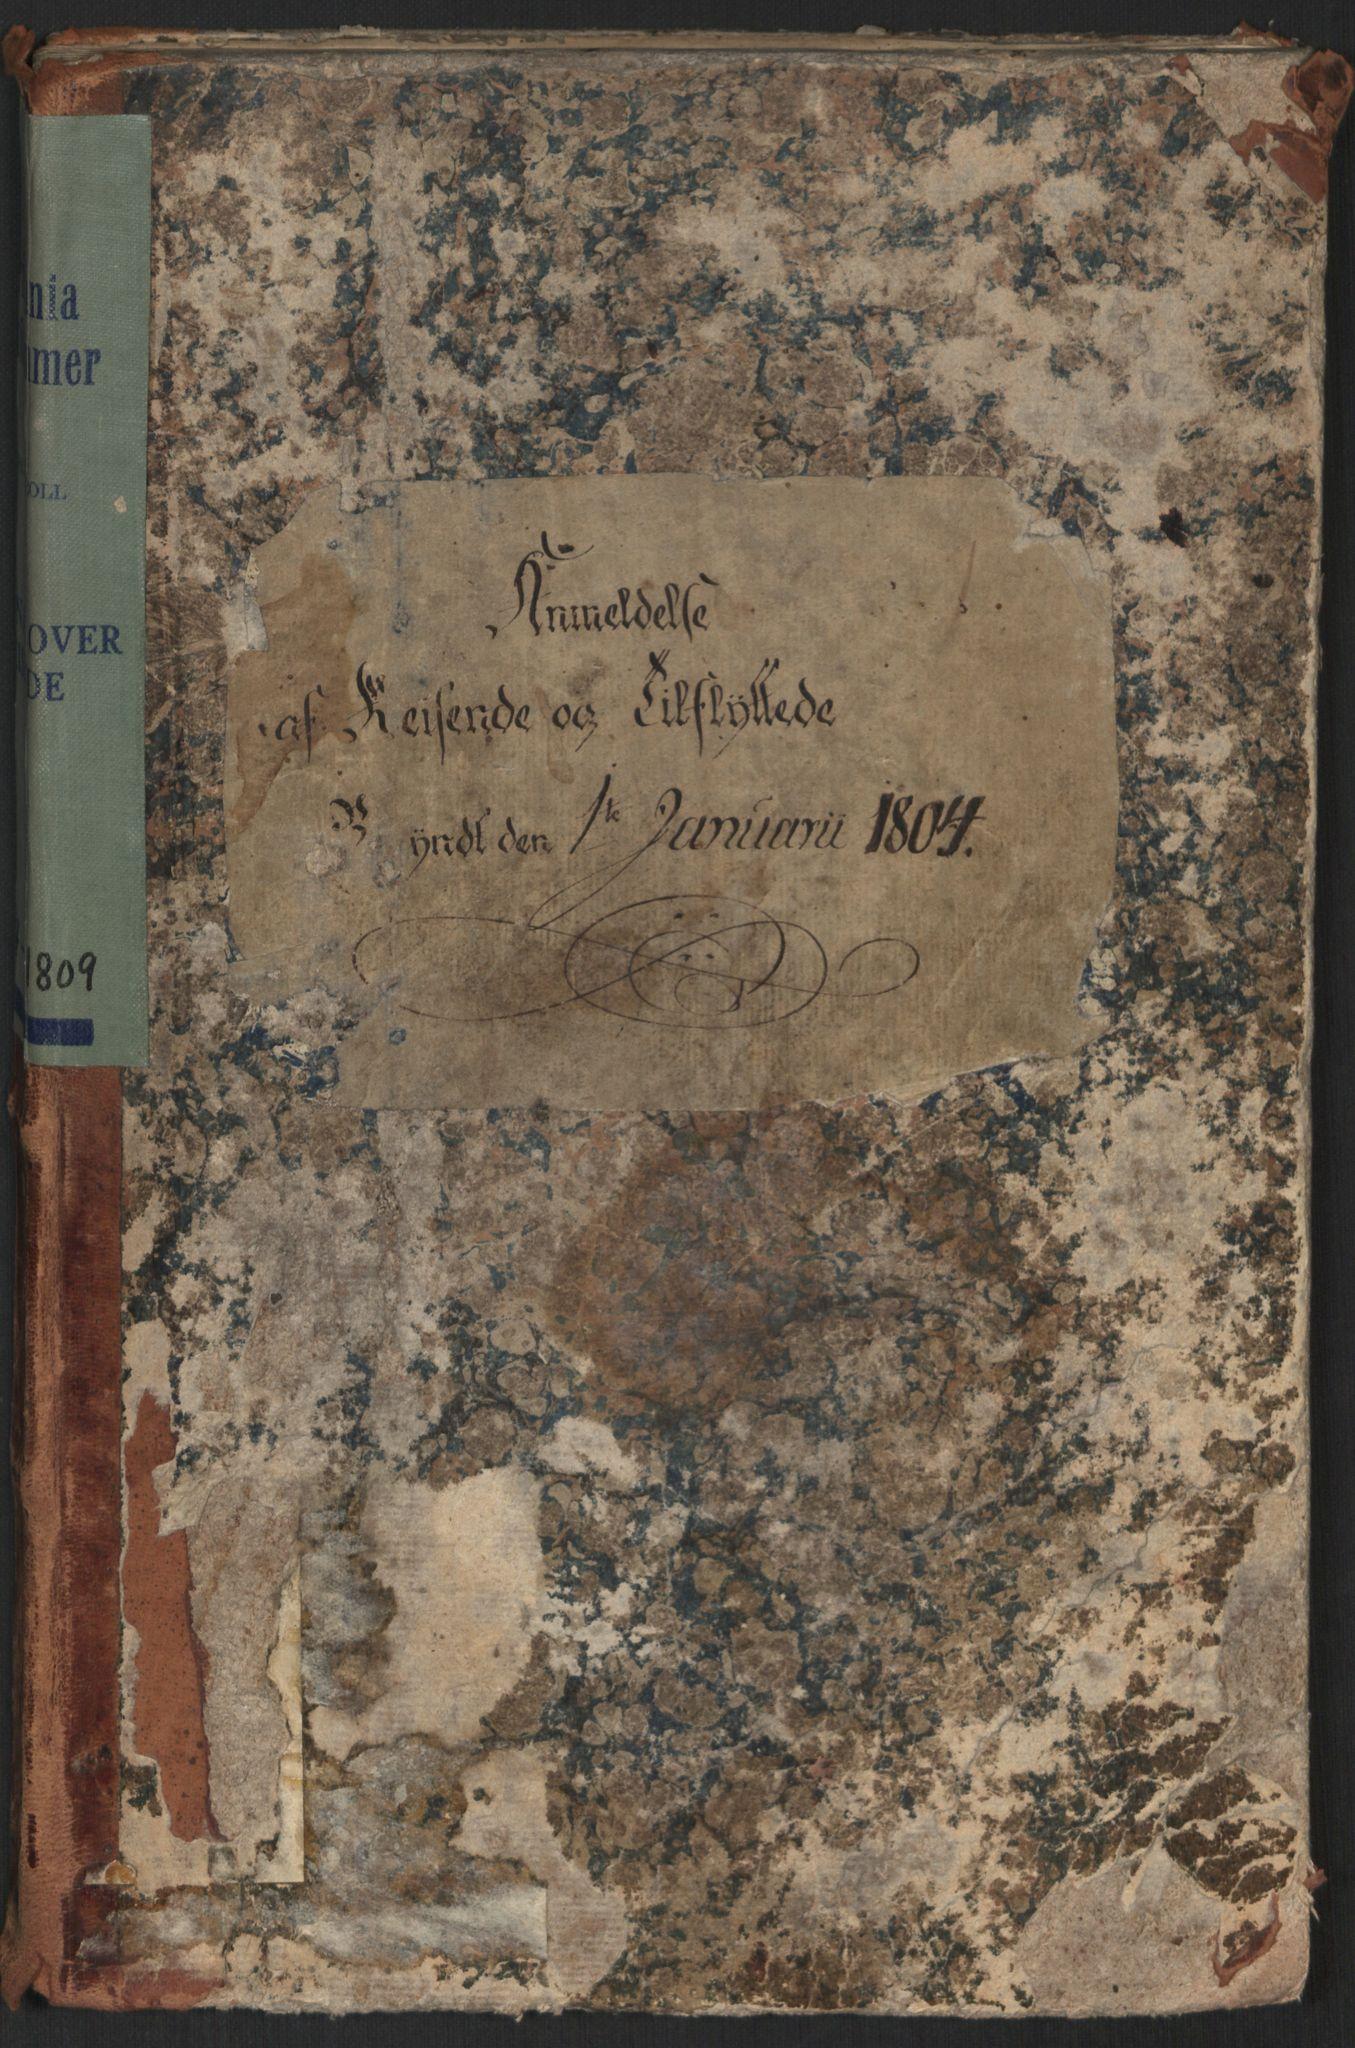 SAO, Oslo politidistrikt, E/Ee/Eei/L0001: Journal over ankomne og anmeldte reisende, 1804-1809